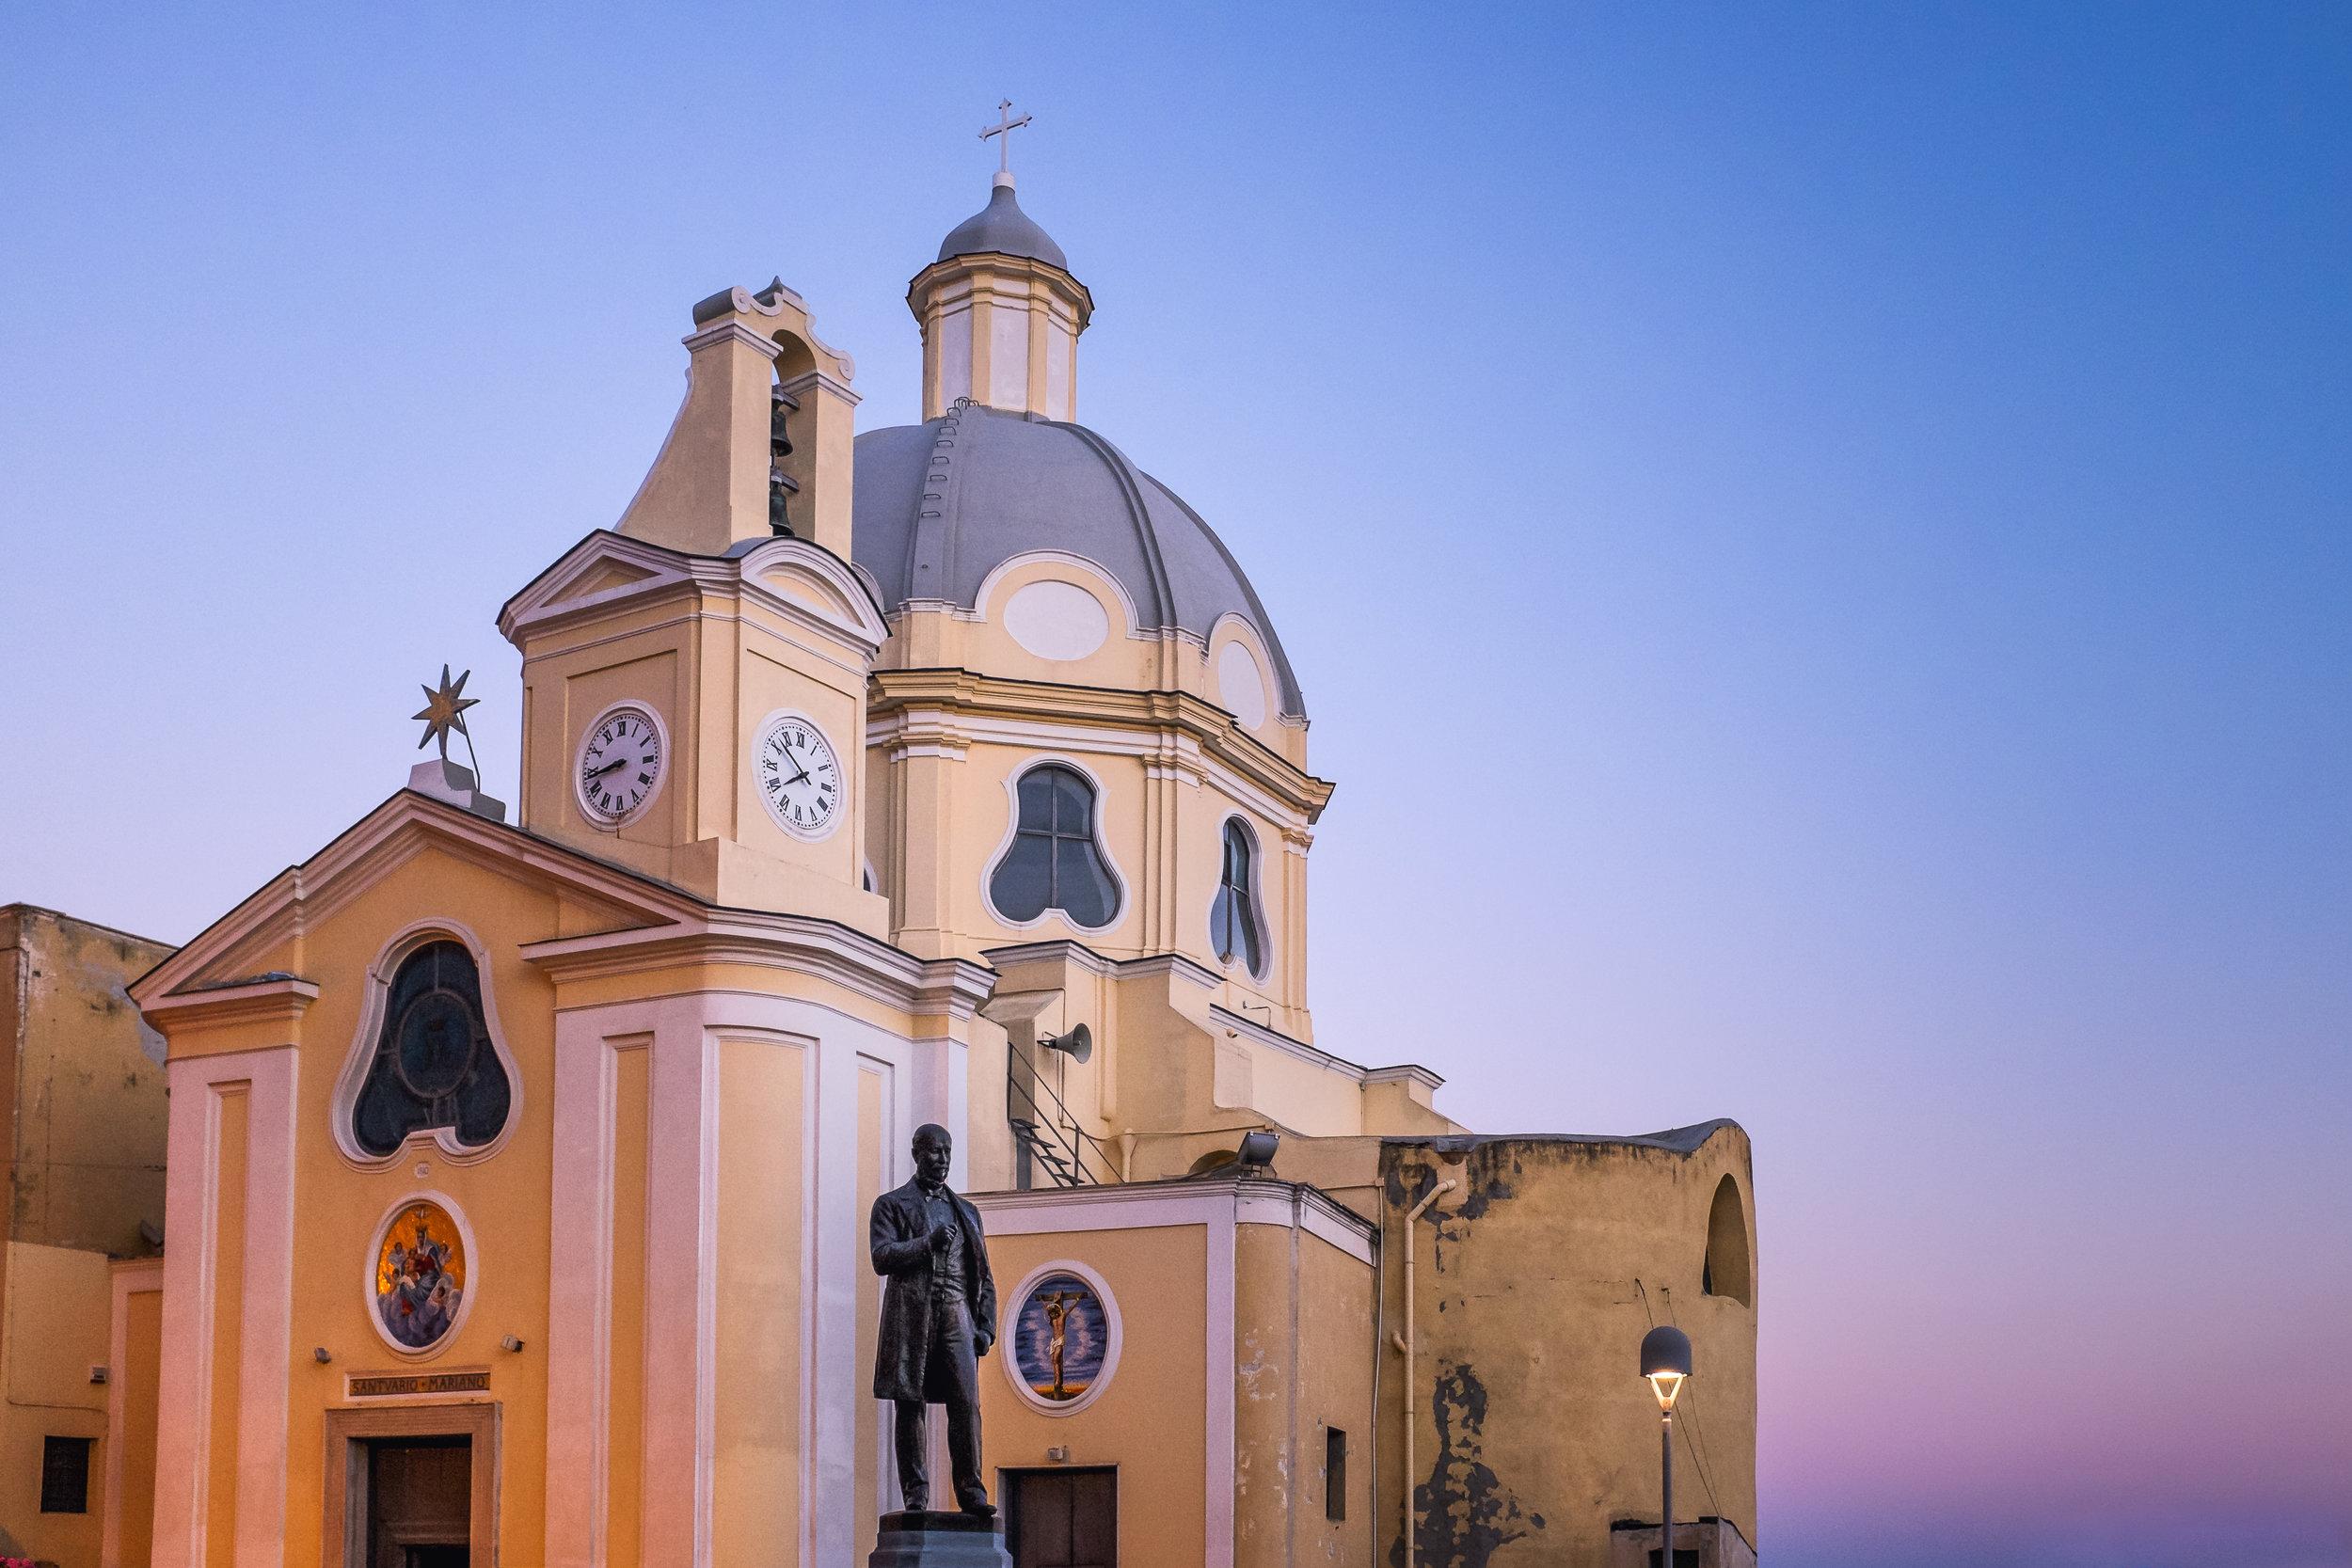 Santuario della Madonna delle Grazie. Corricella, Procida. June, 2013